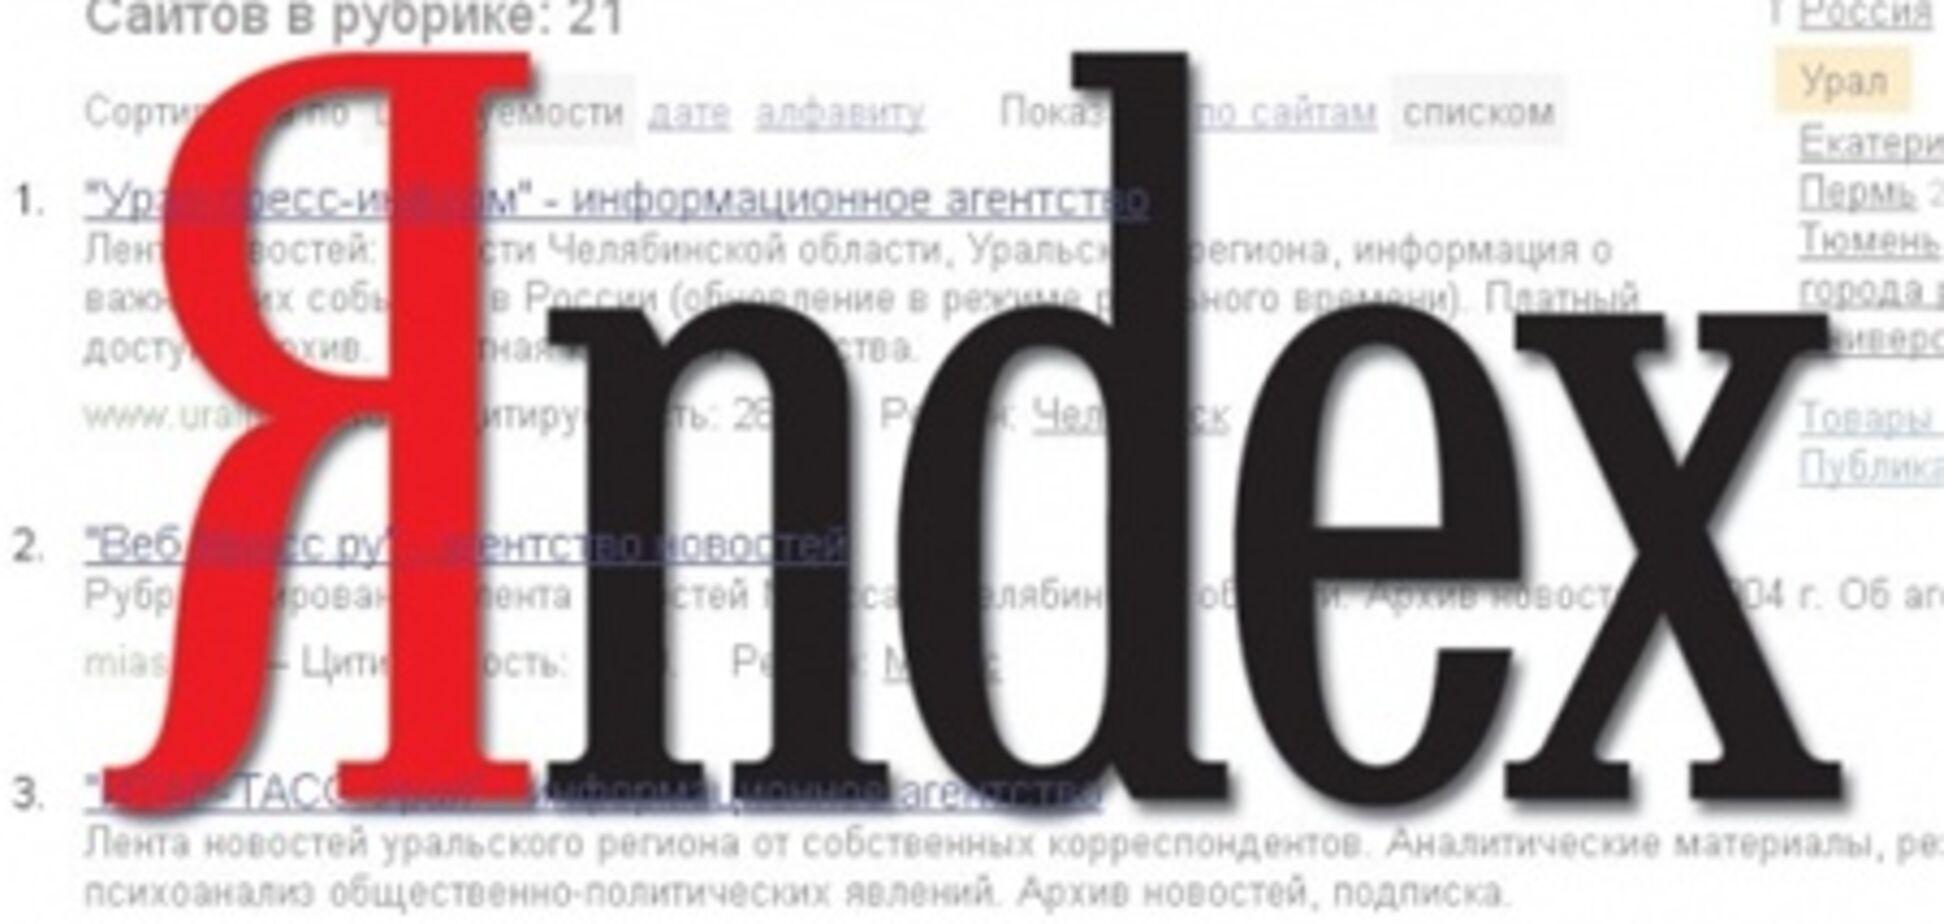 Поисковые системы продолжают 'разбазаривать' личные данные пользователей